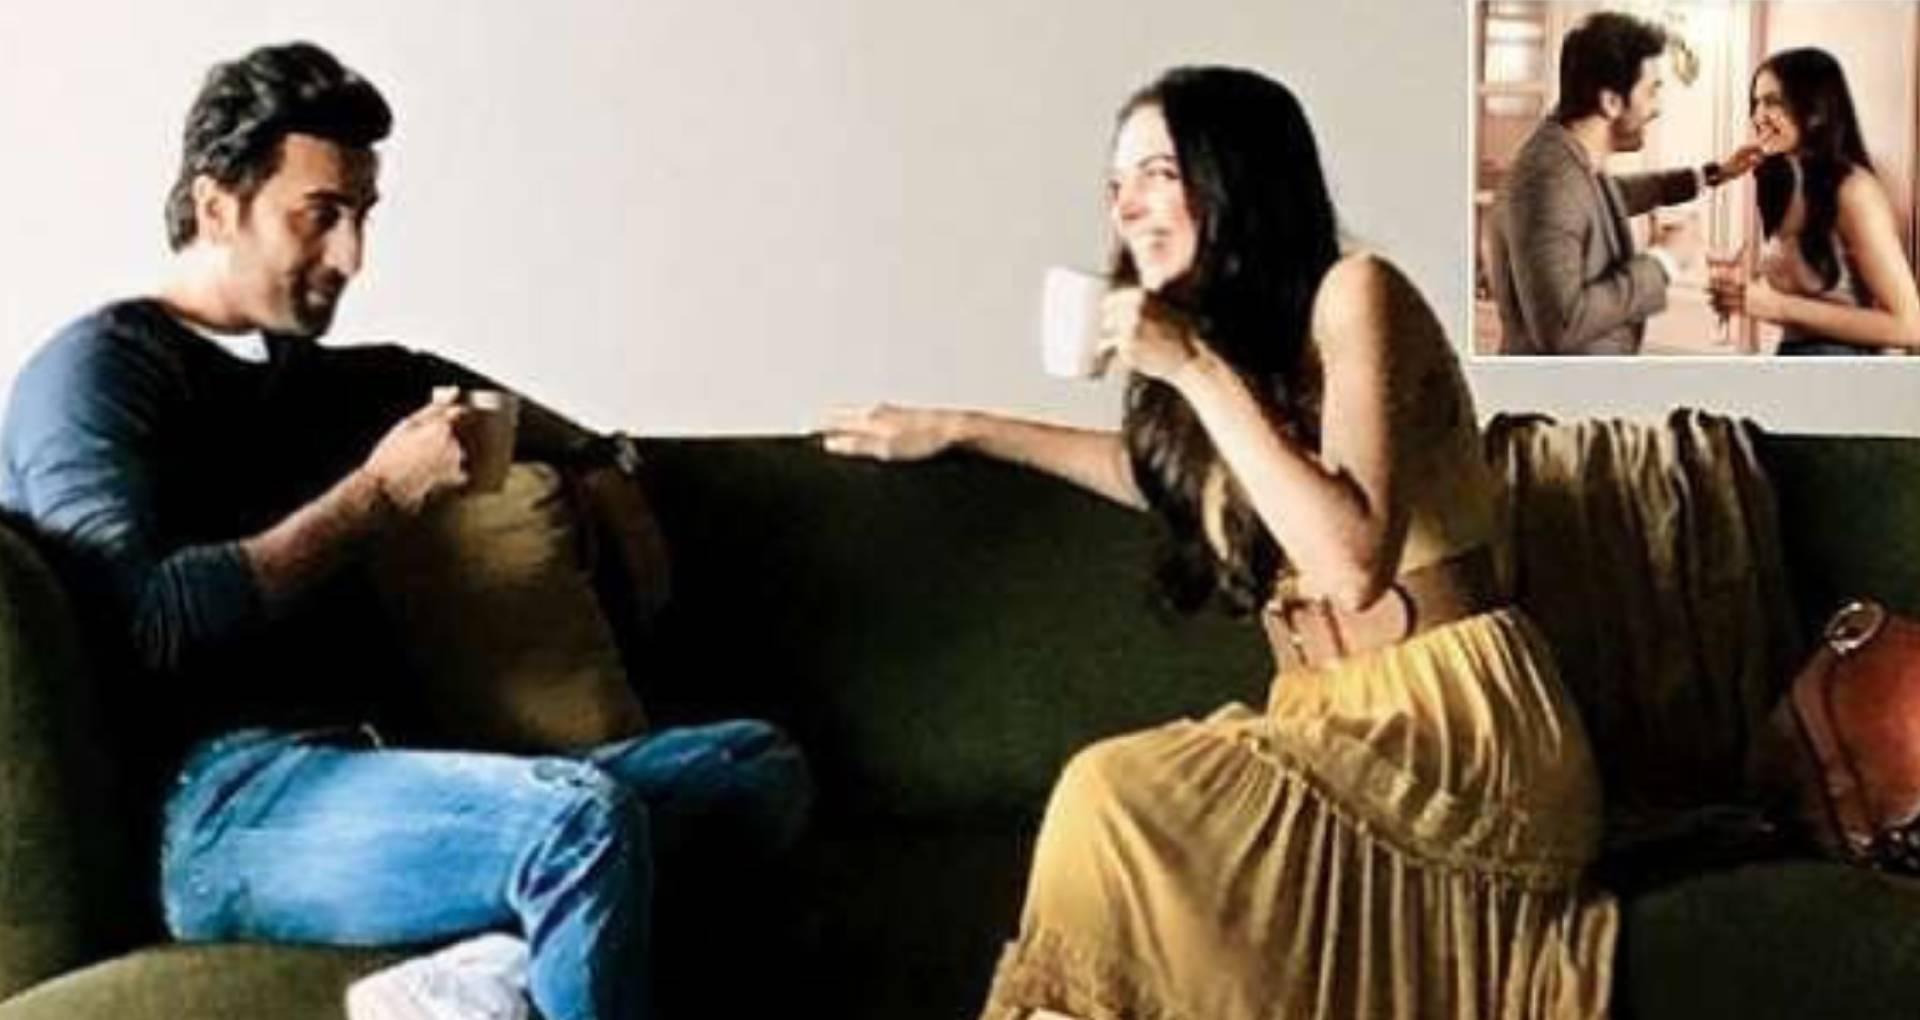 कॉफी डेट पर एक्स ब्वॉयफ्रेंड रणबीर कपूर के साथ नजर आईं दीपिका पादुकोण, पति रणवीर सिंह को हो सकती है जलन